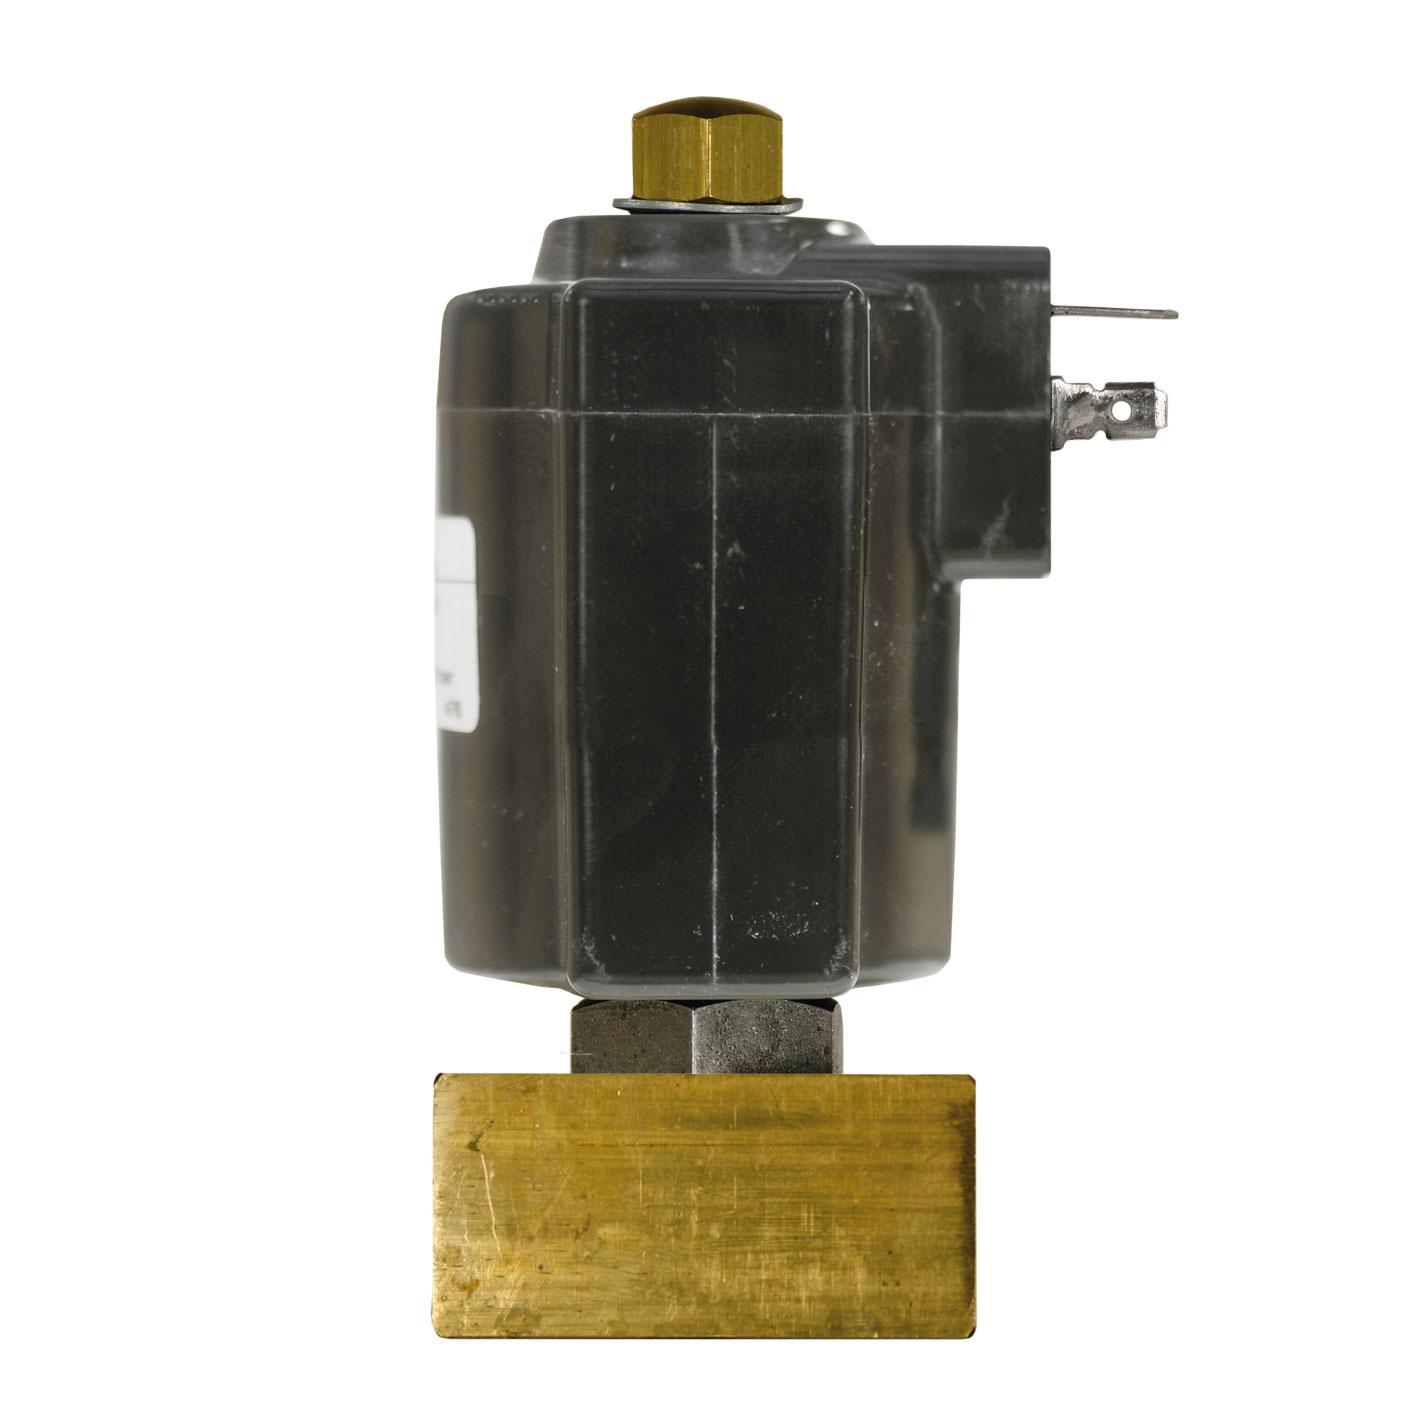 ELECTROVANNE HP 1/4F 24V-50HZ 90 DEG/C 0-180 B